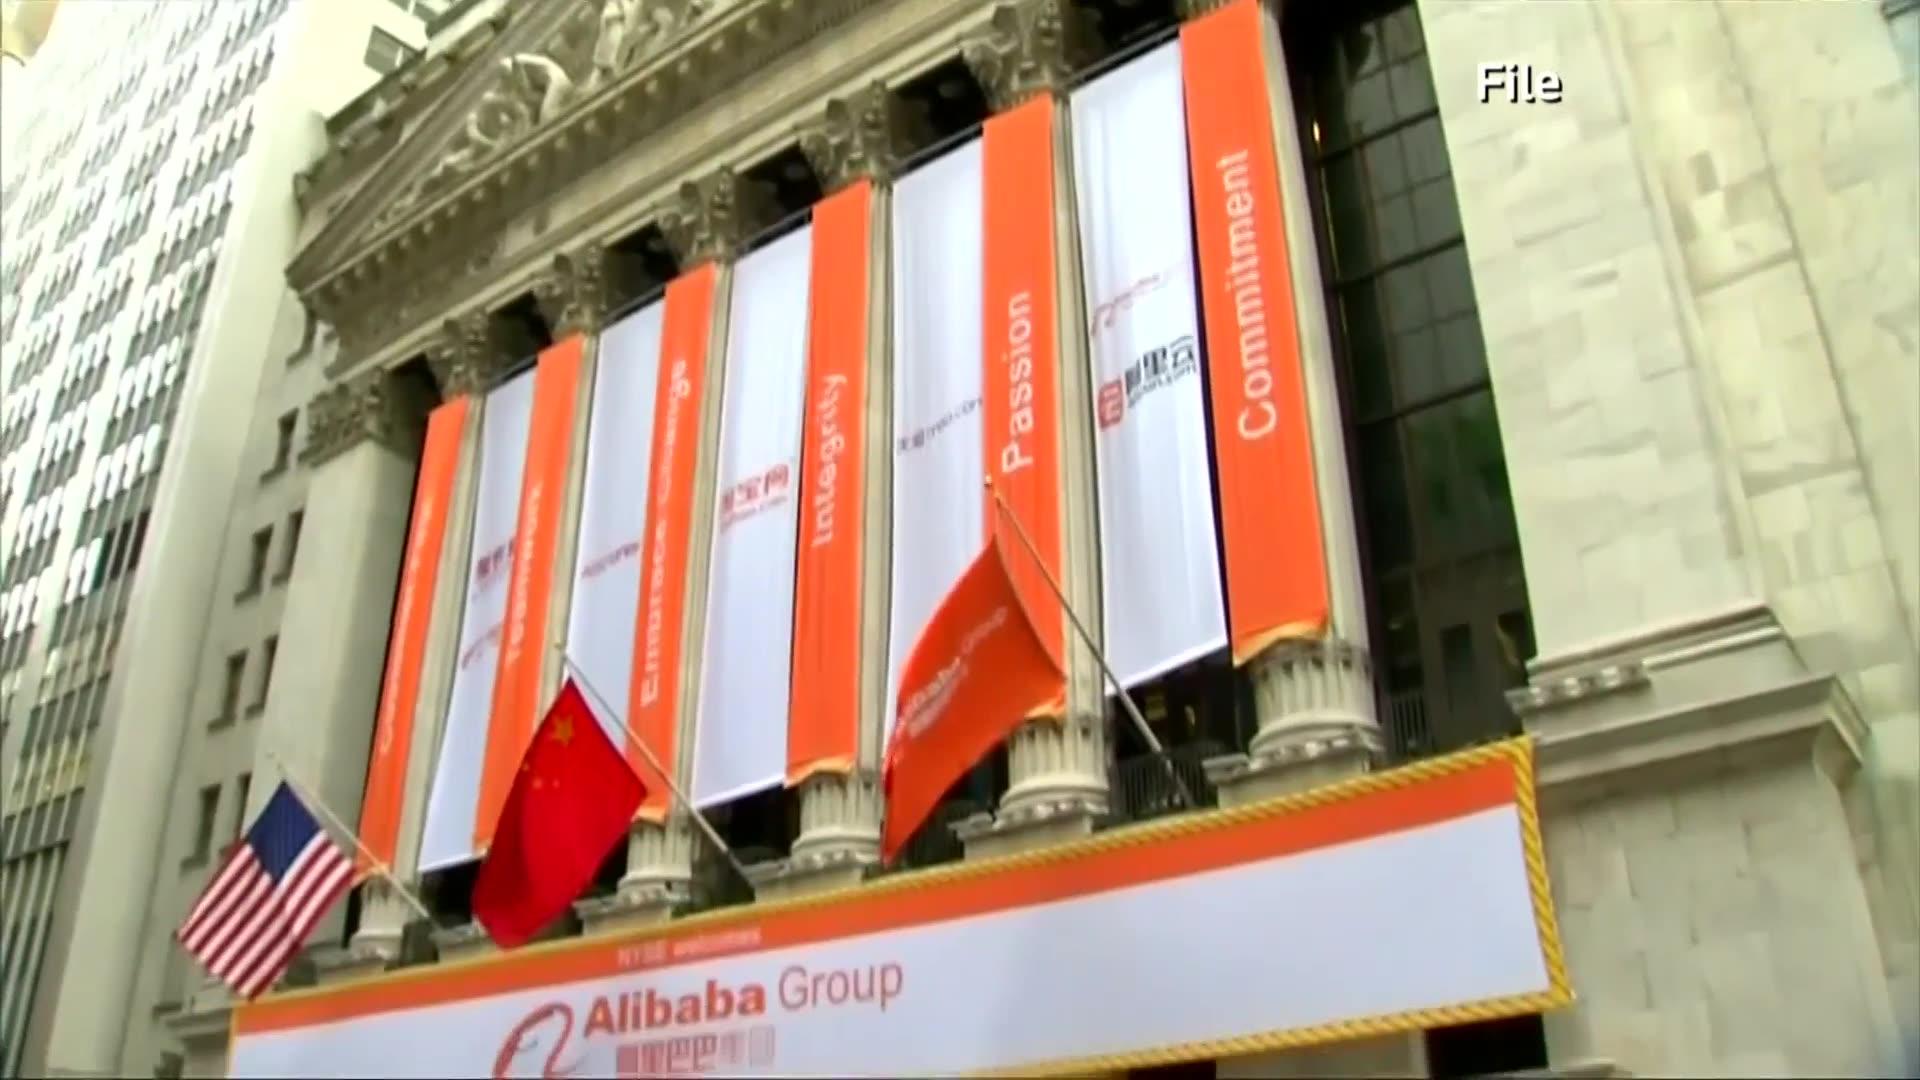 China's Tencent Music makes NYSE debut